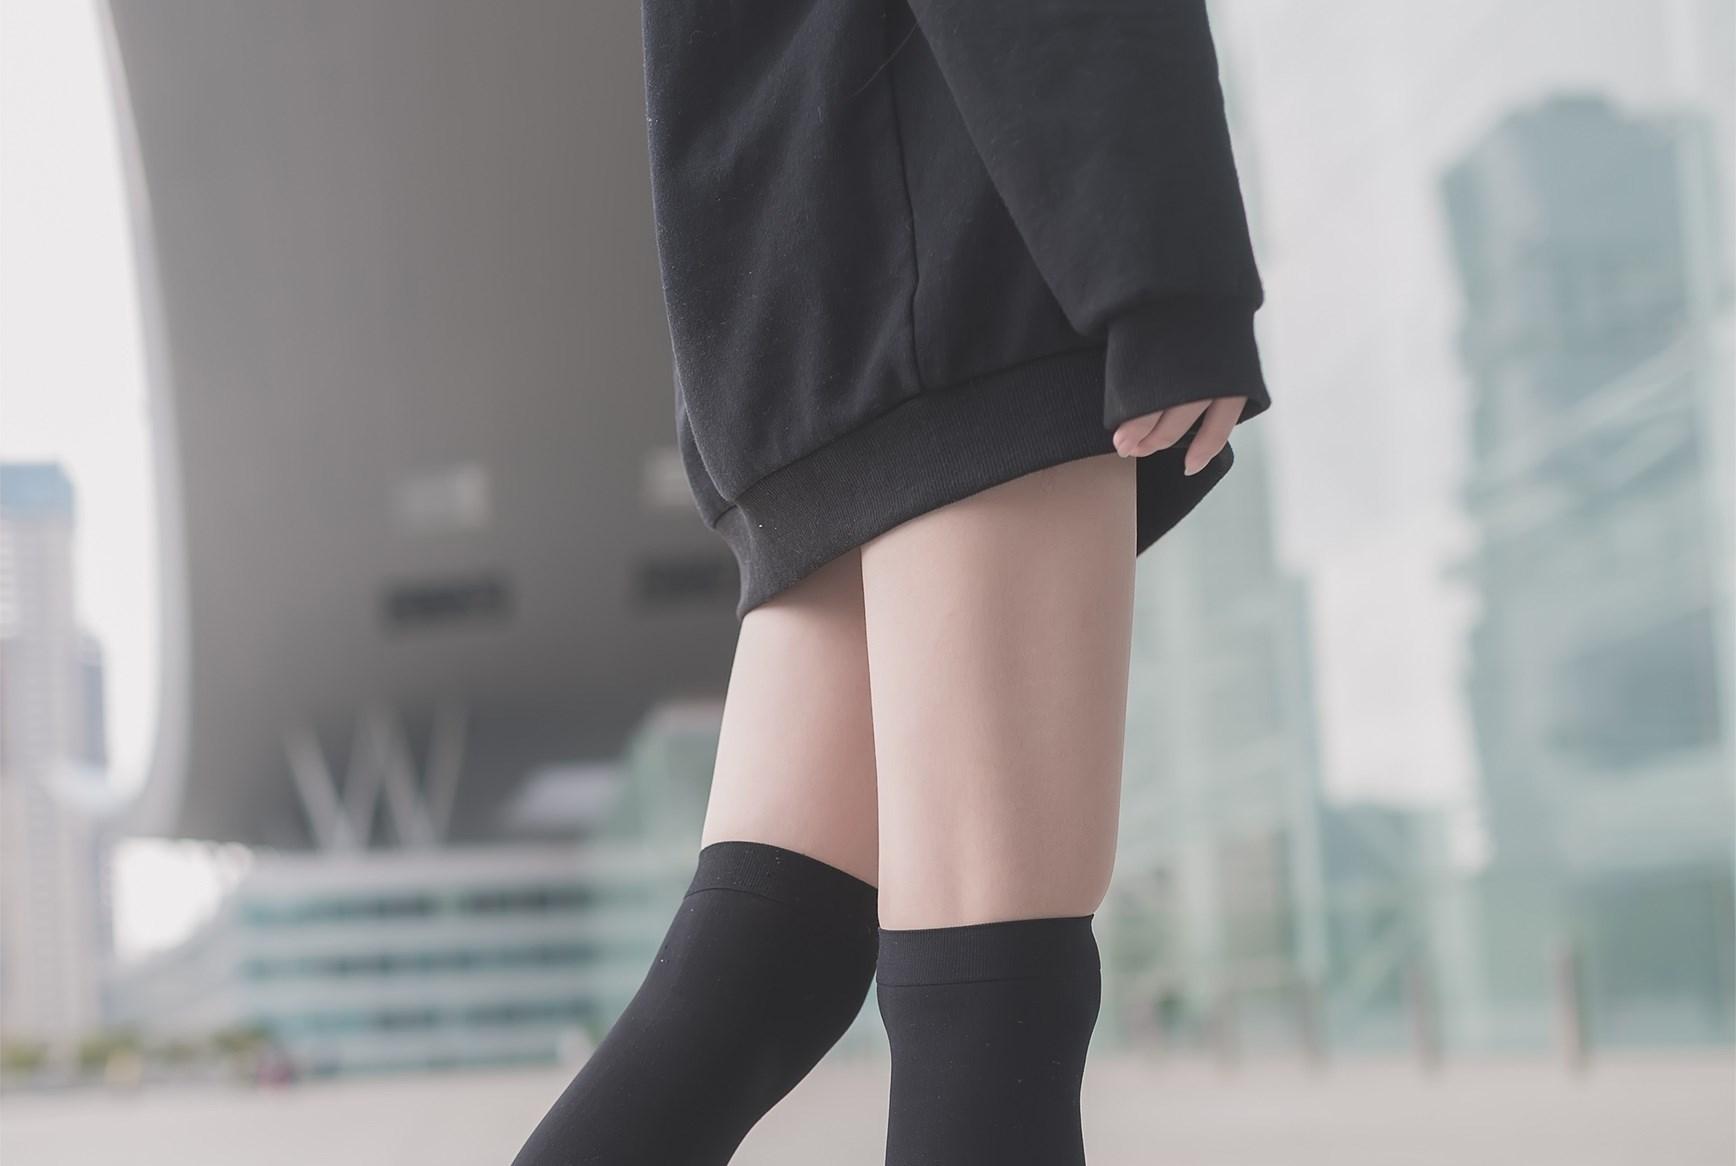 【兔玩映画】令人羡慕的小细腿 兔玩映画 第33张